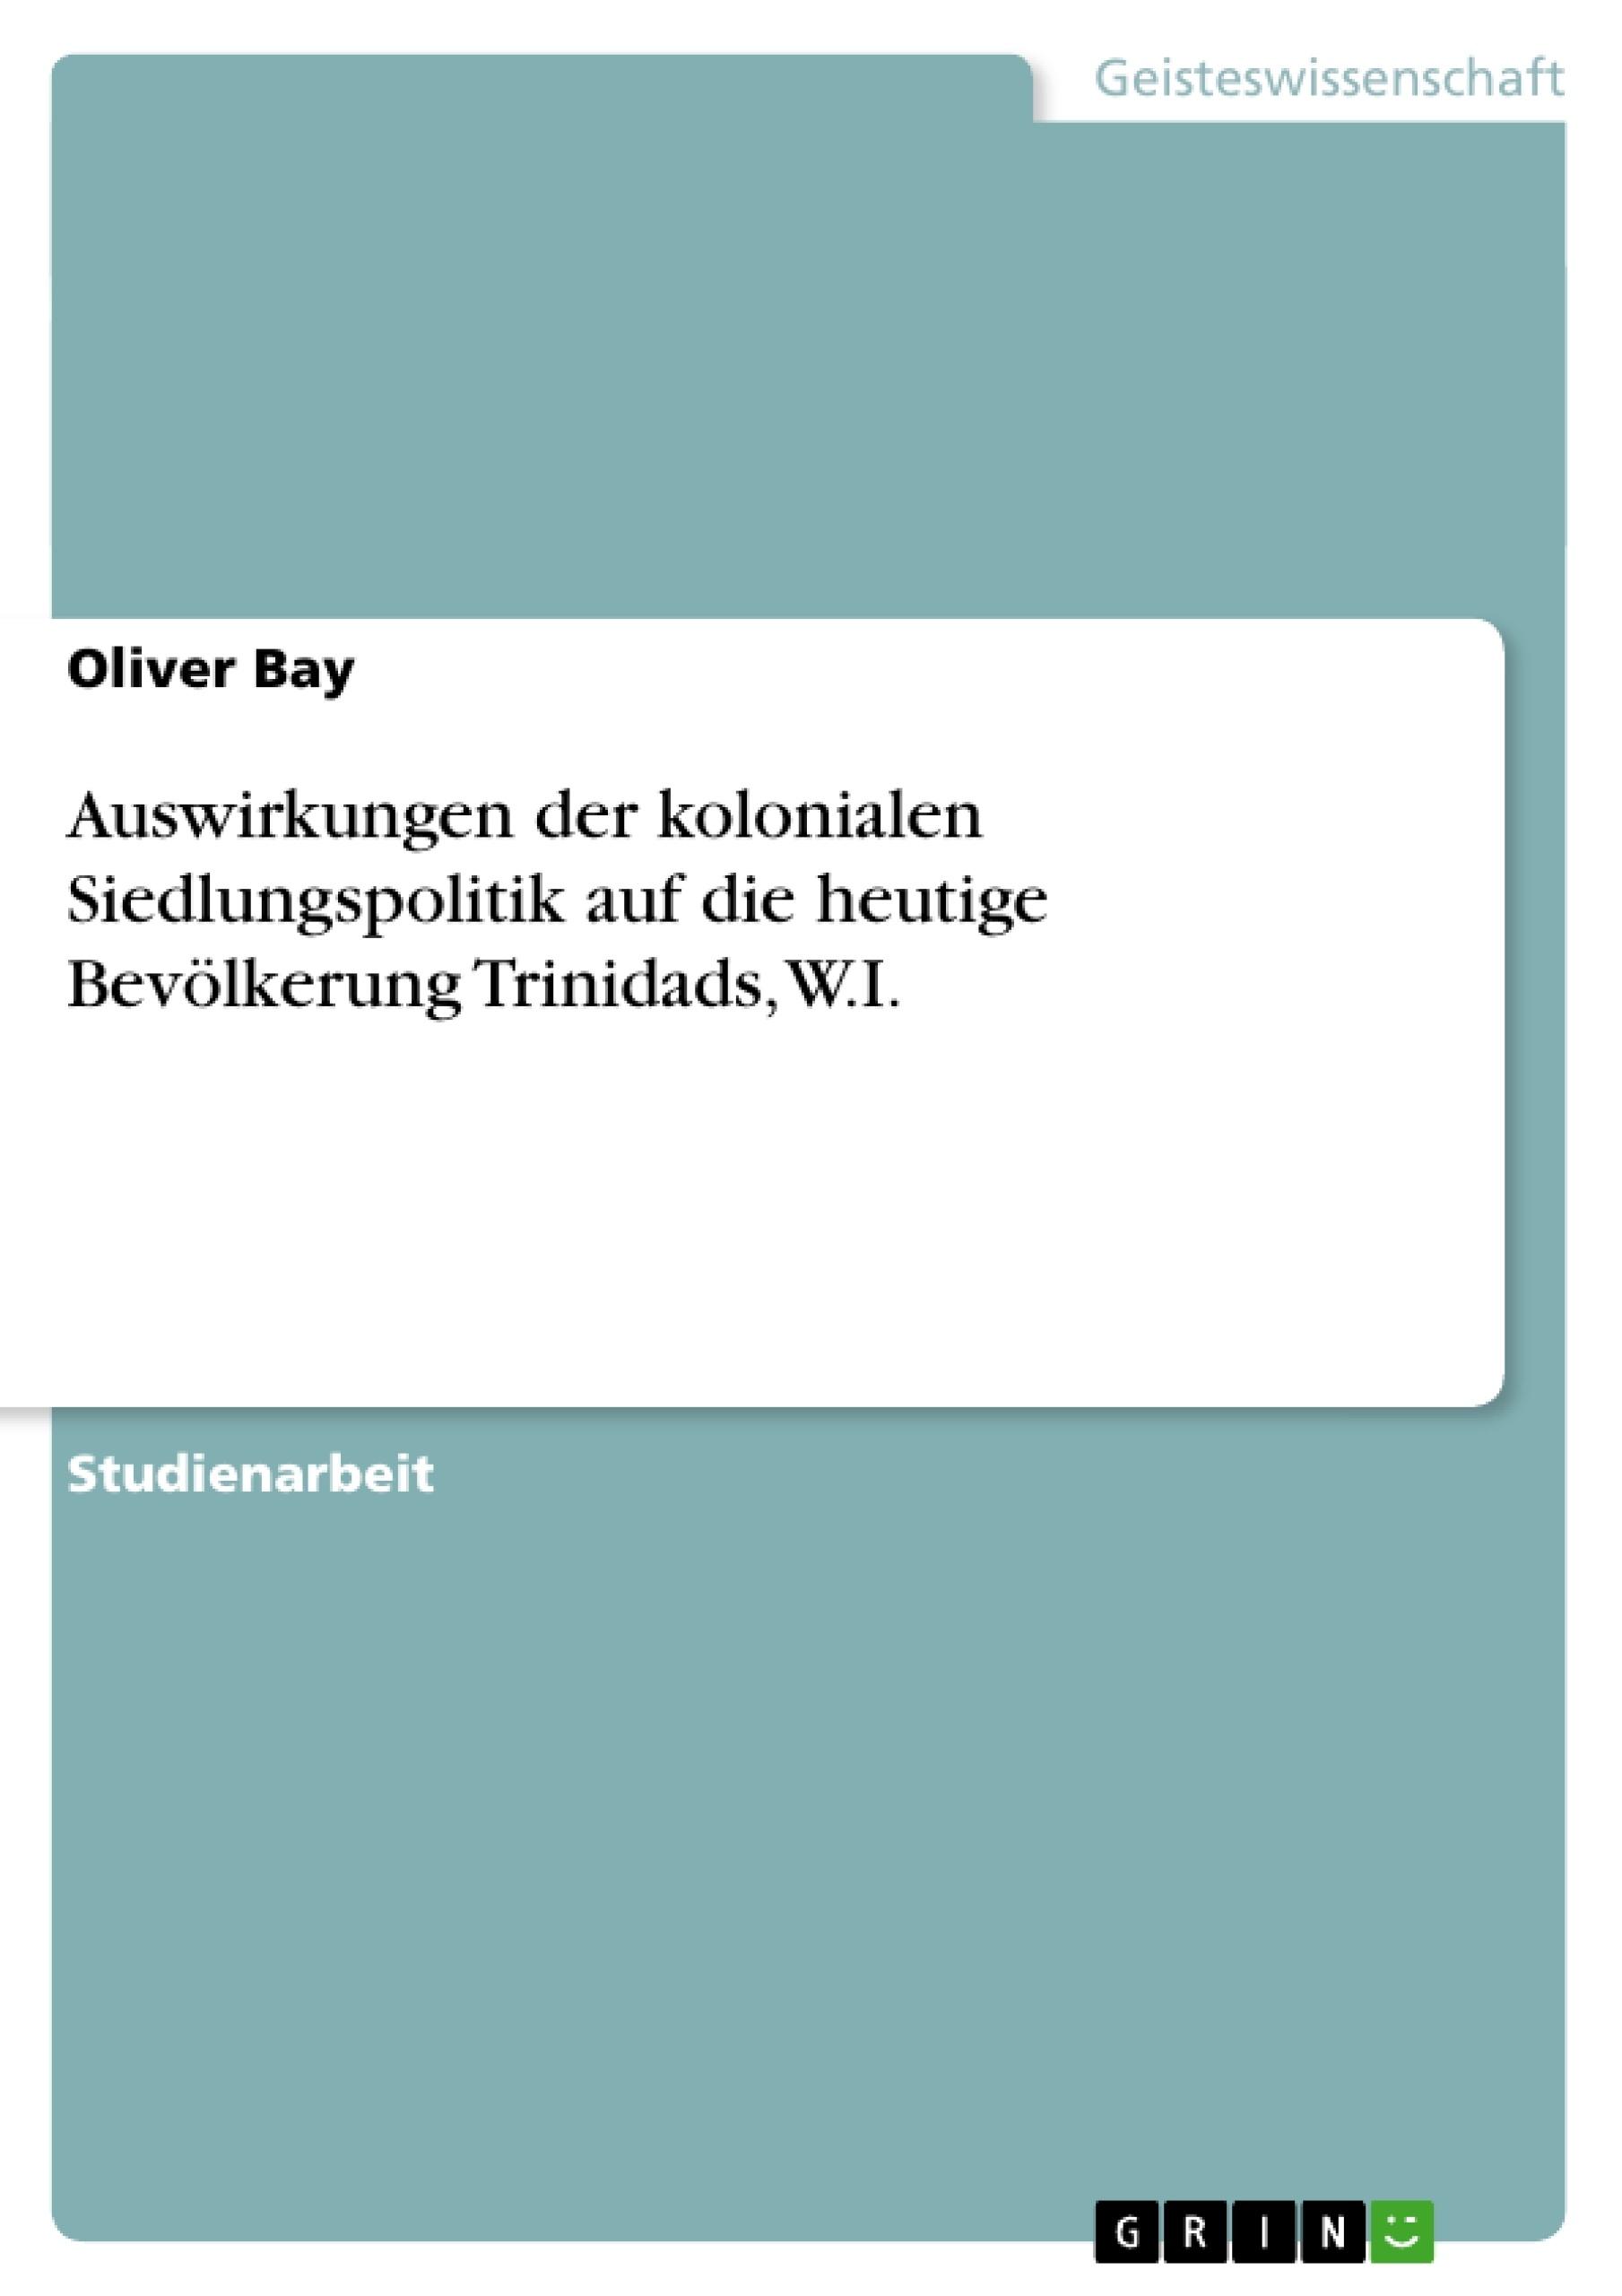 Titel: Auswirkungen der kolonialen Siedlungspolitik auf die heutige Bevölkerung Trinidads, W.I.